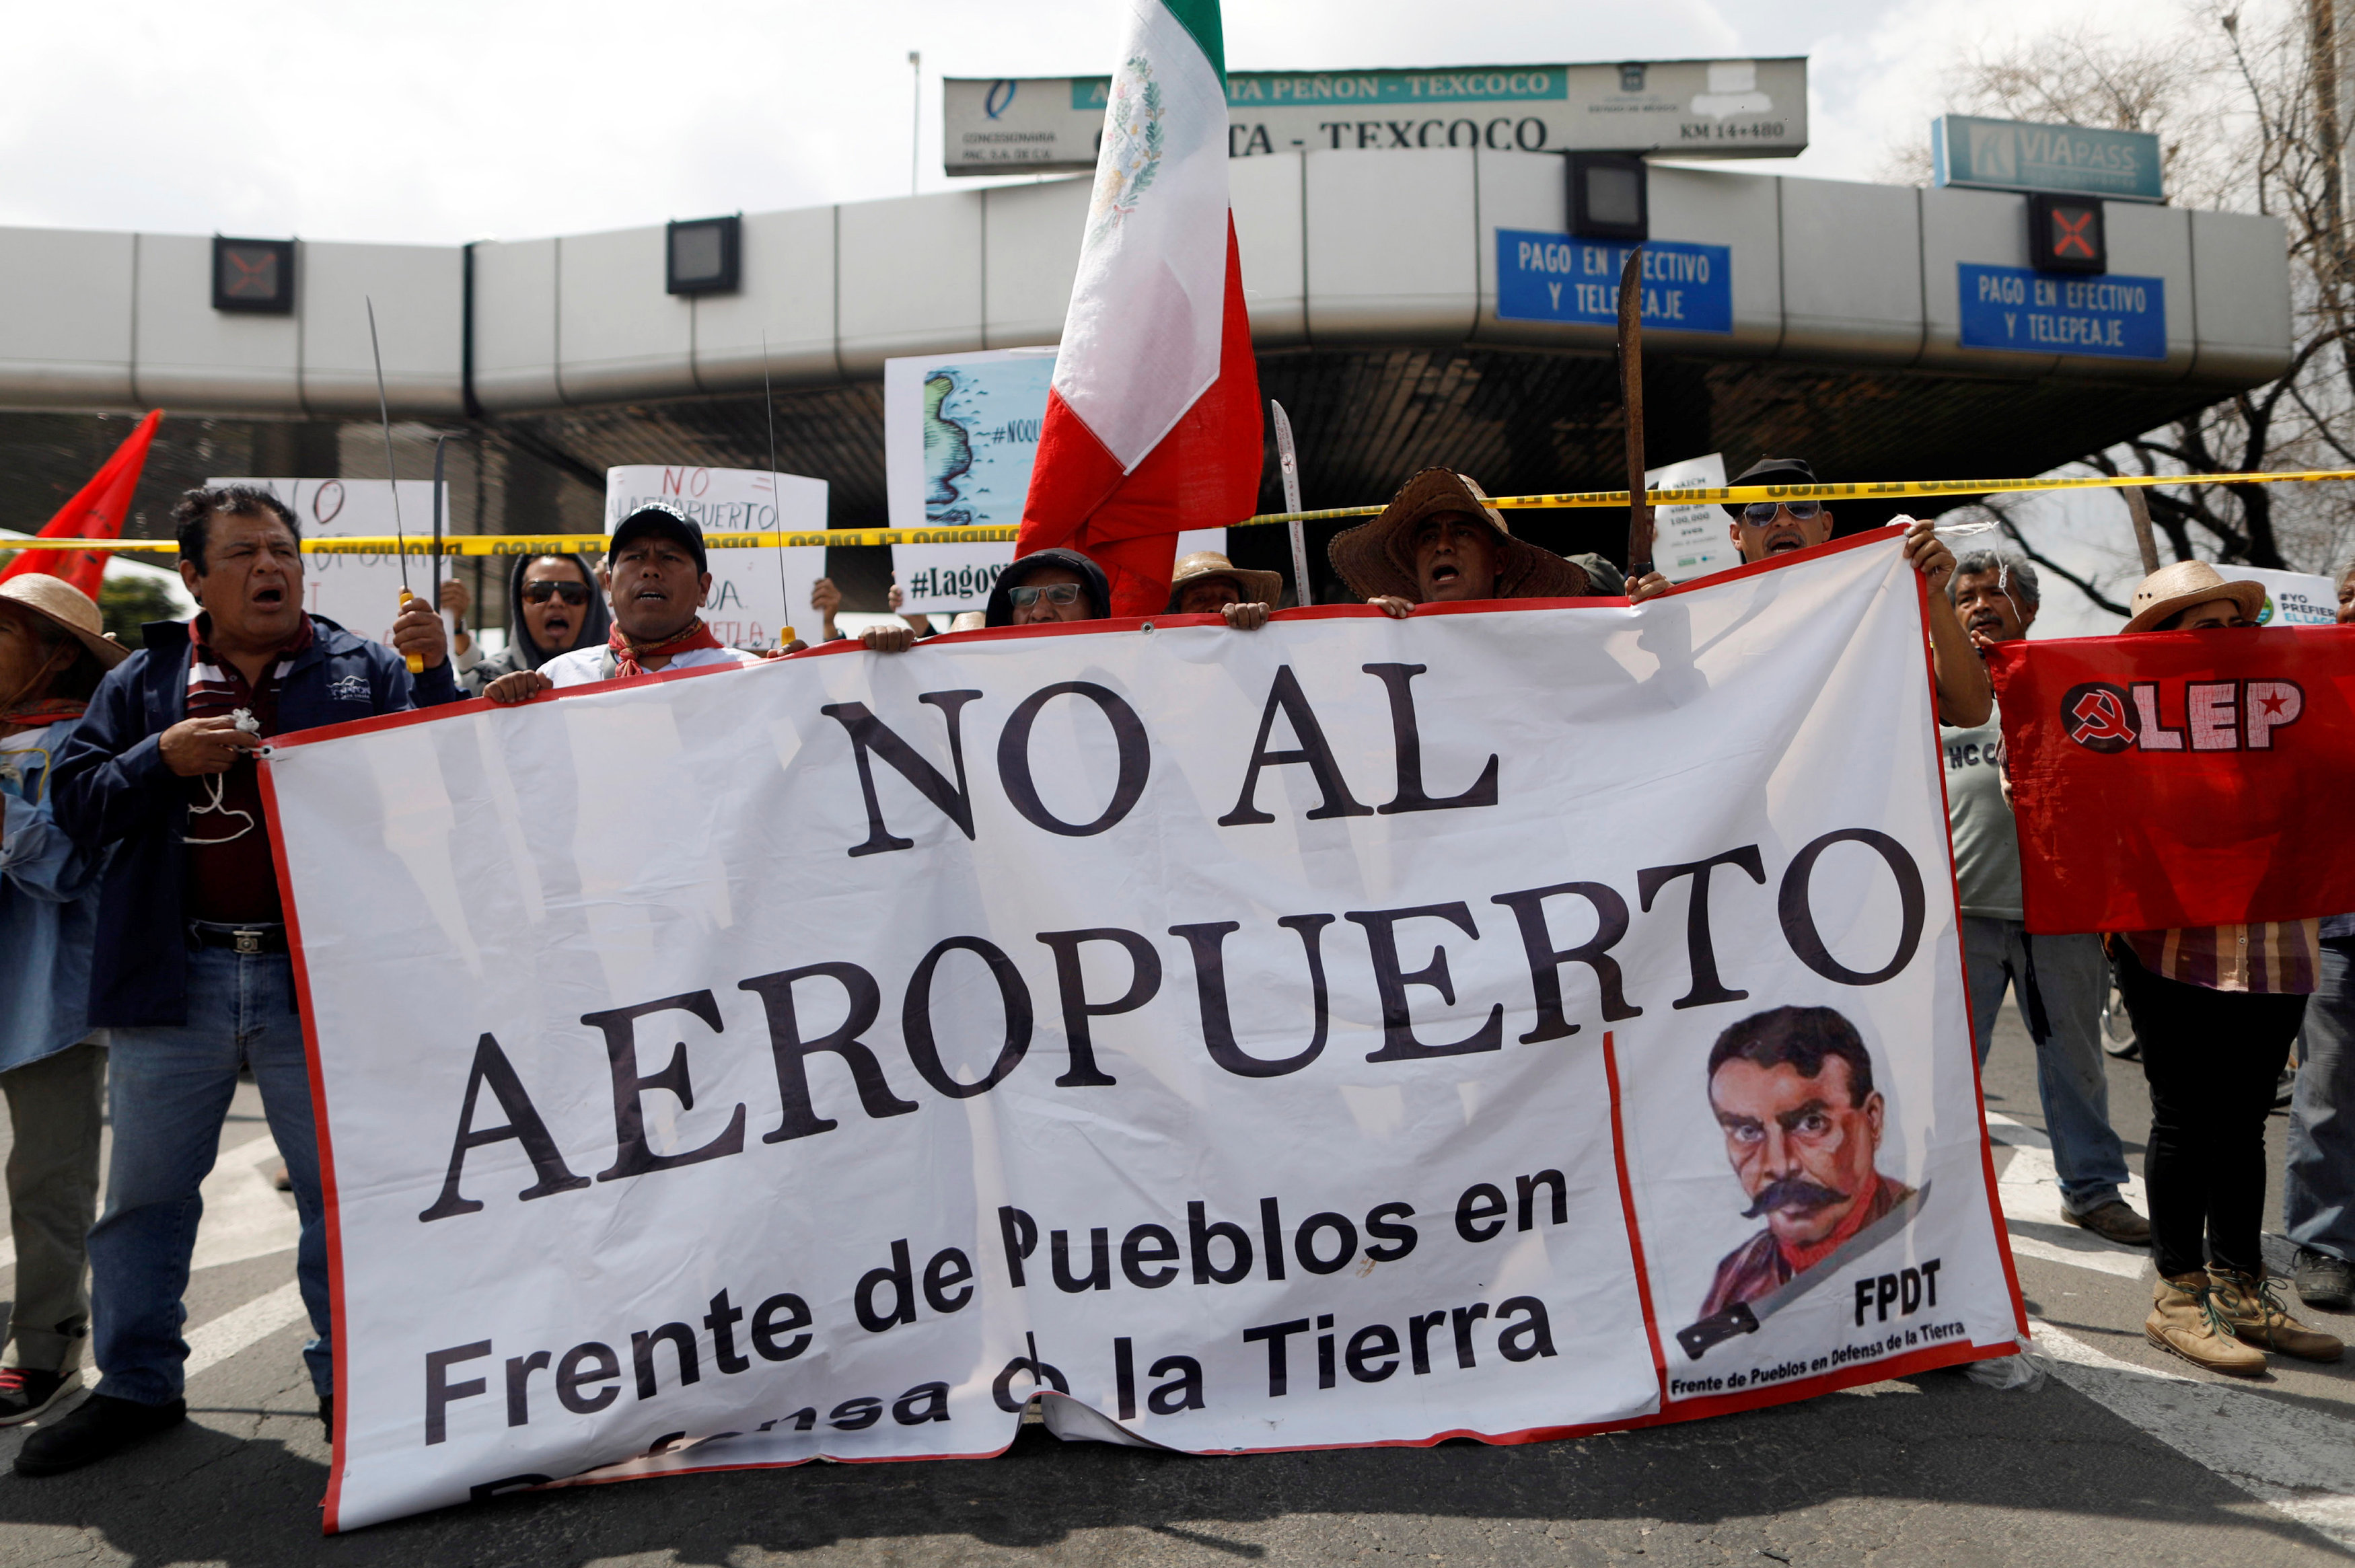 Las organizaciones protestan contra la construcción del aeropuerto internacional en México